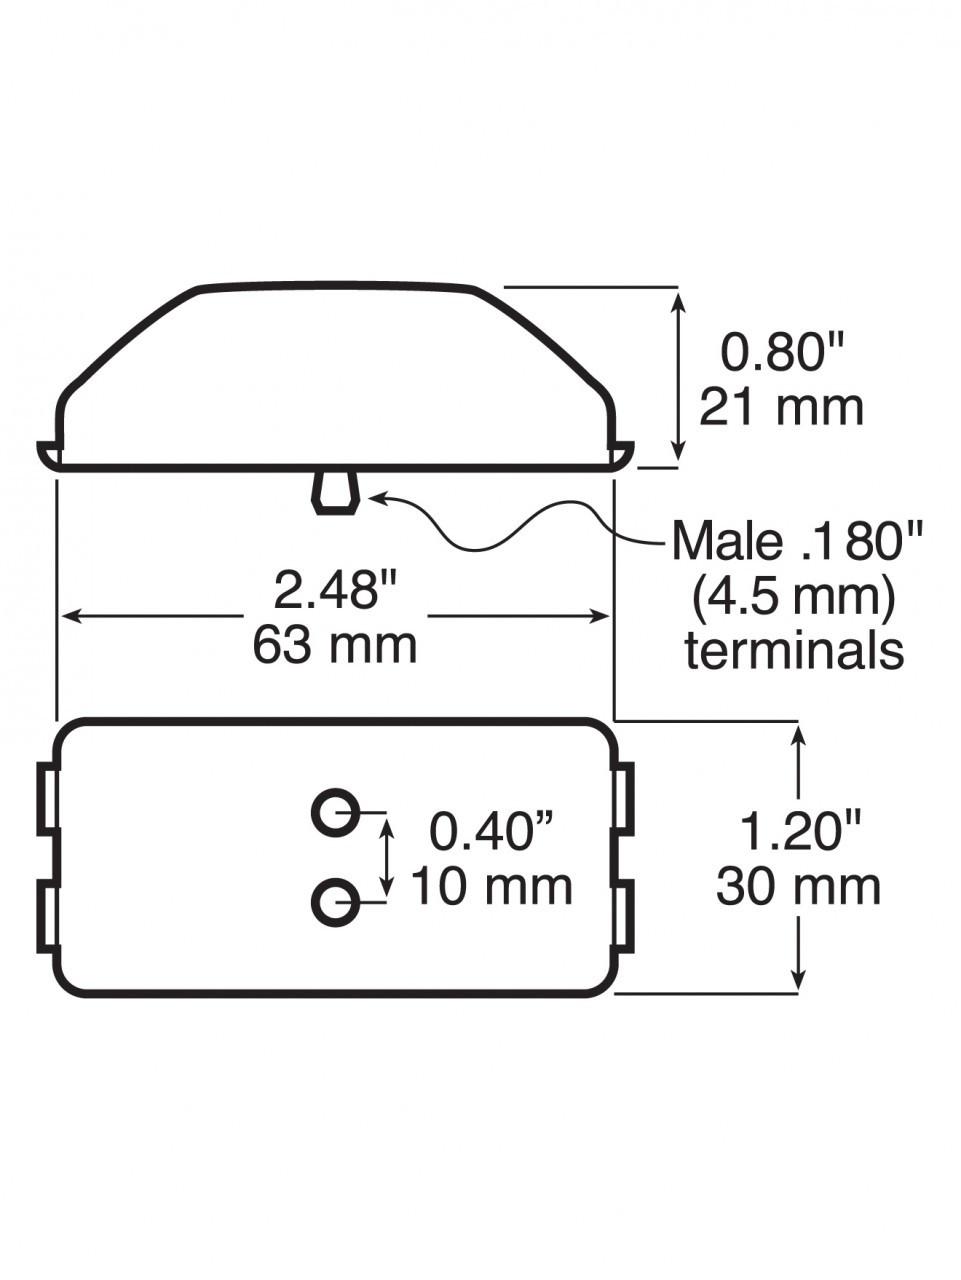 LED153R2 --- Rectangular Sealed LED Clearance/Side Marker Light - 2 Diodes